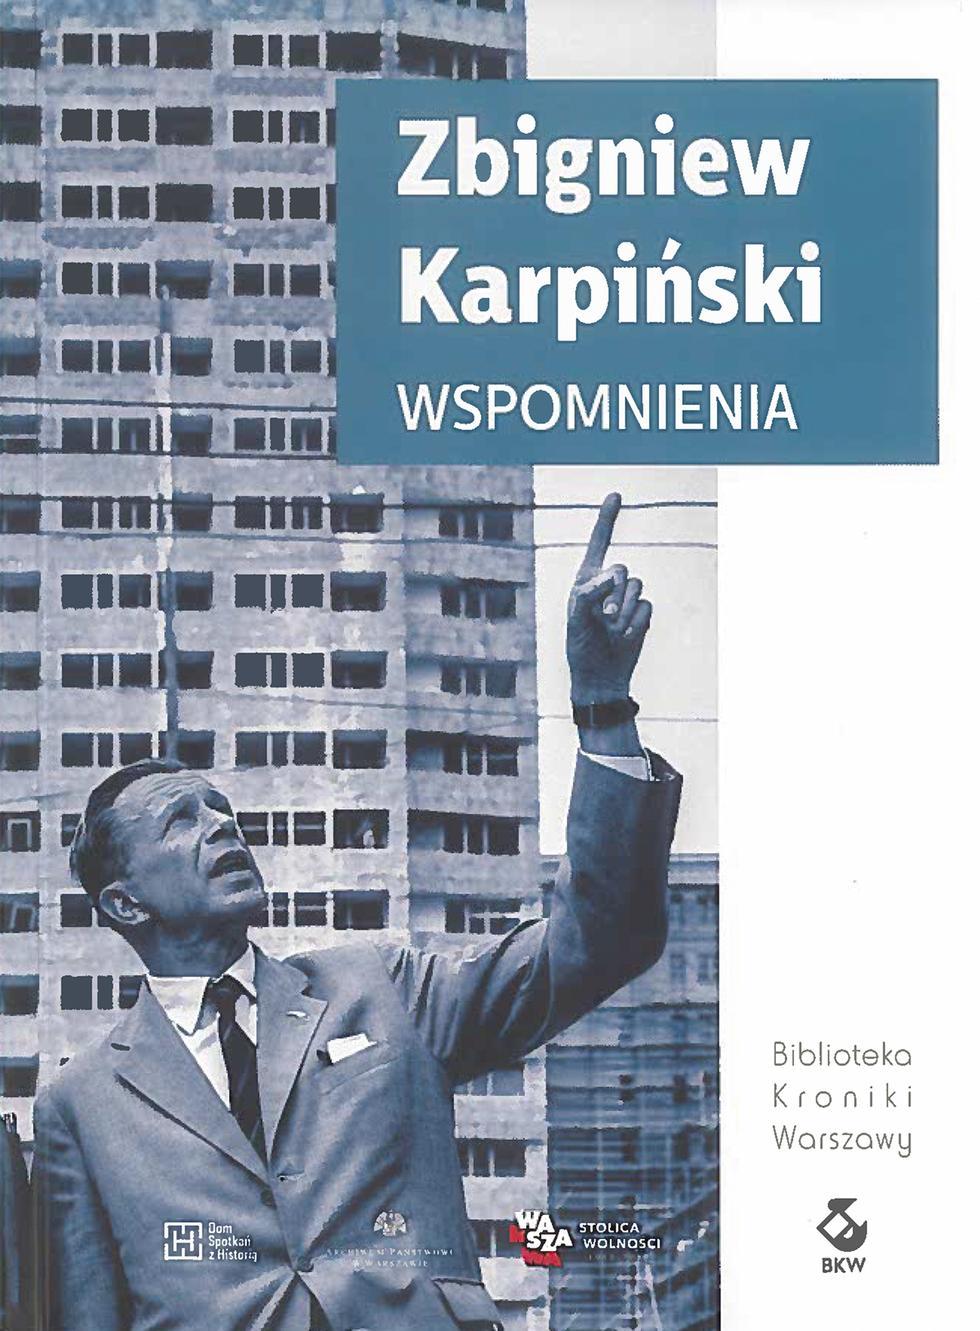 Zbigniew Karpiński. Wspomnienia